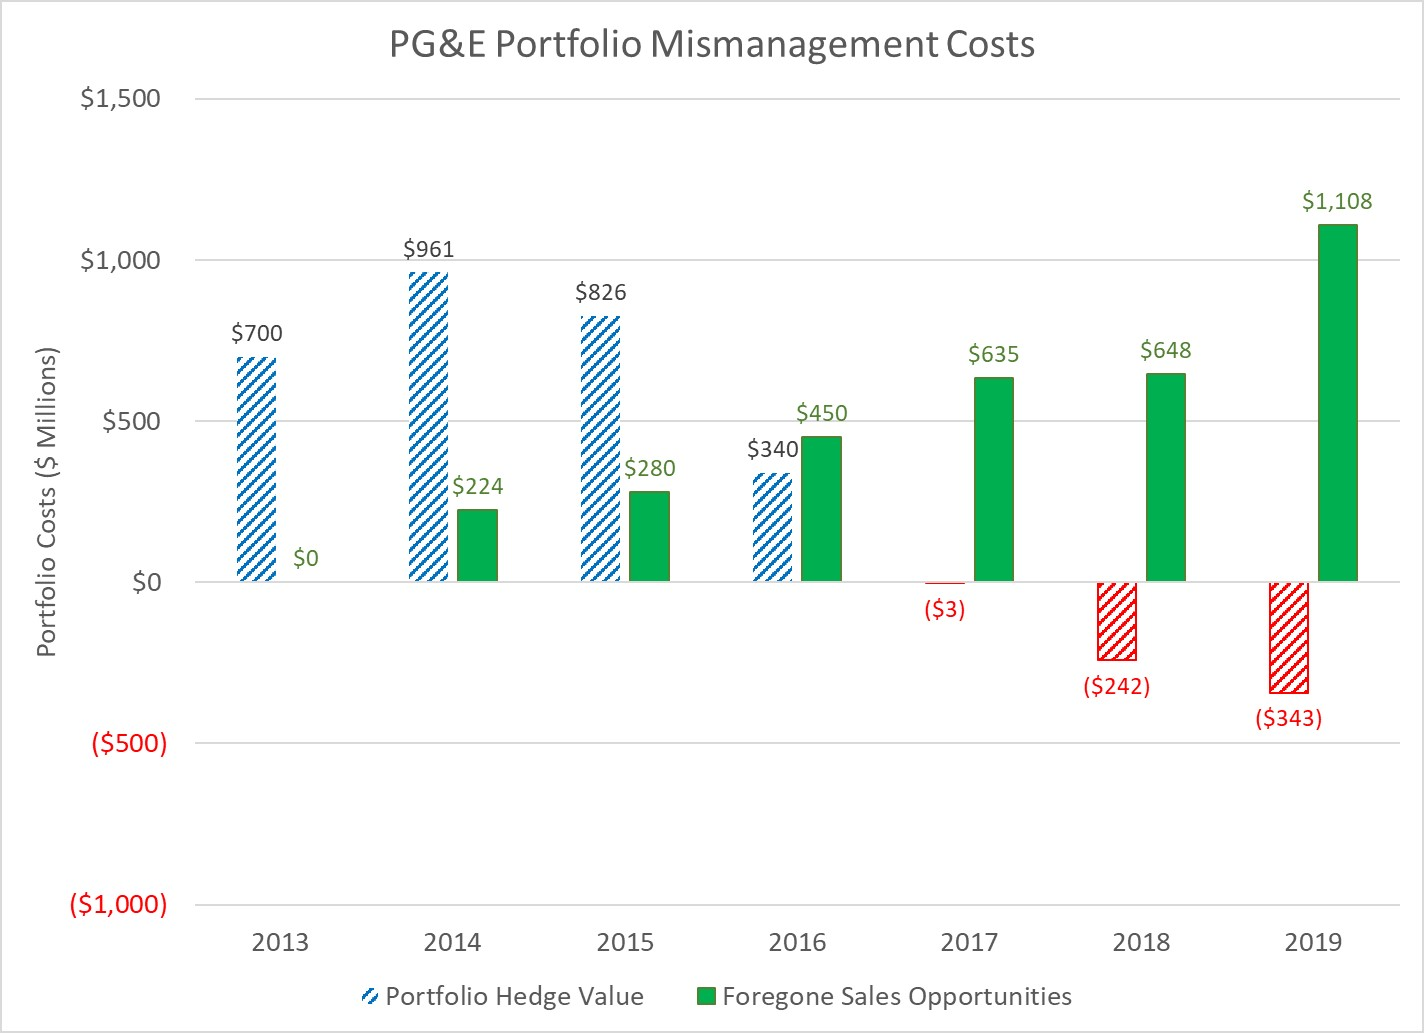 PGAE Mismanagement Costs